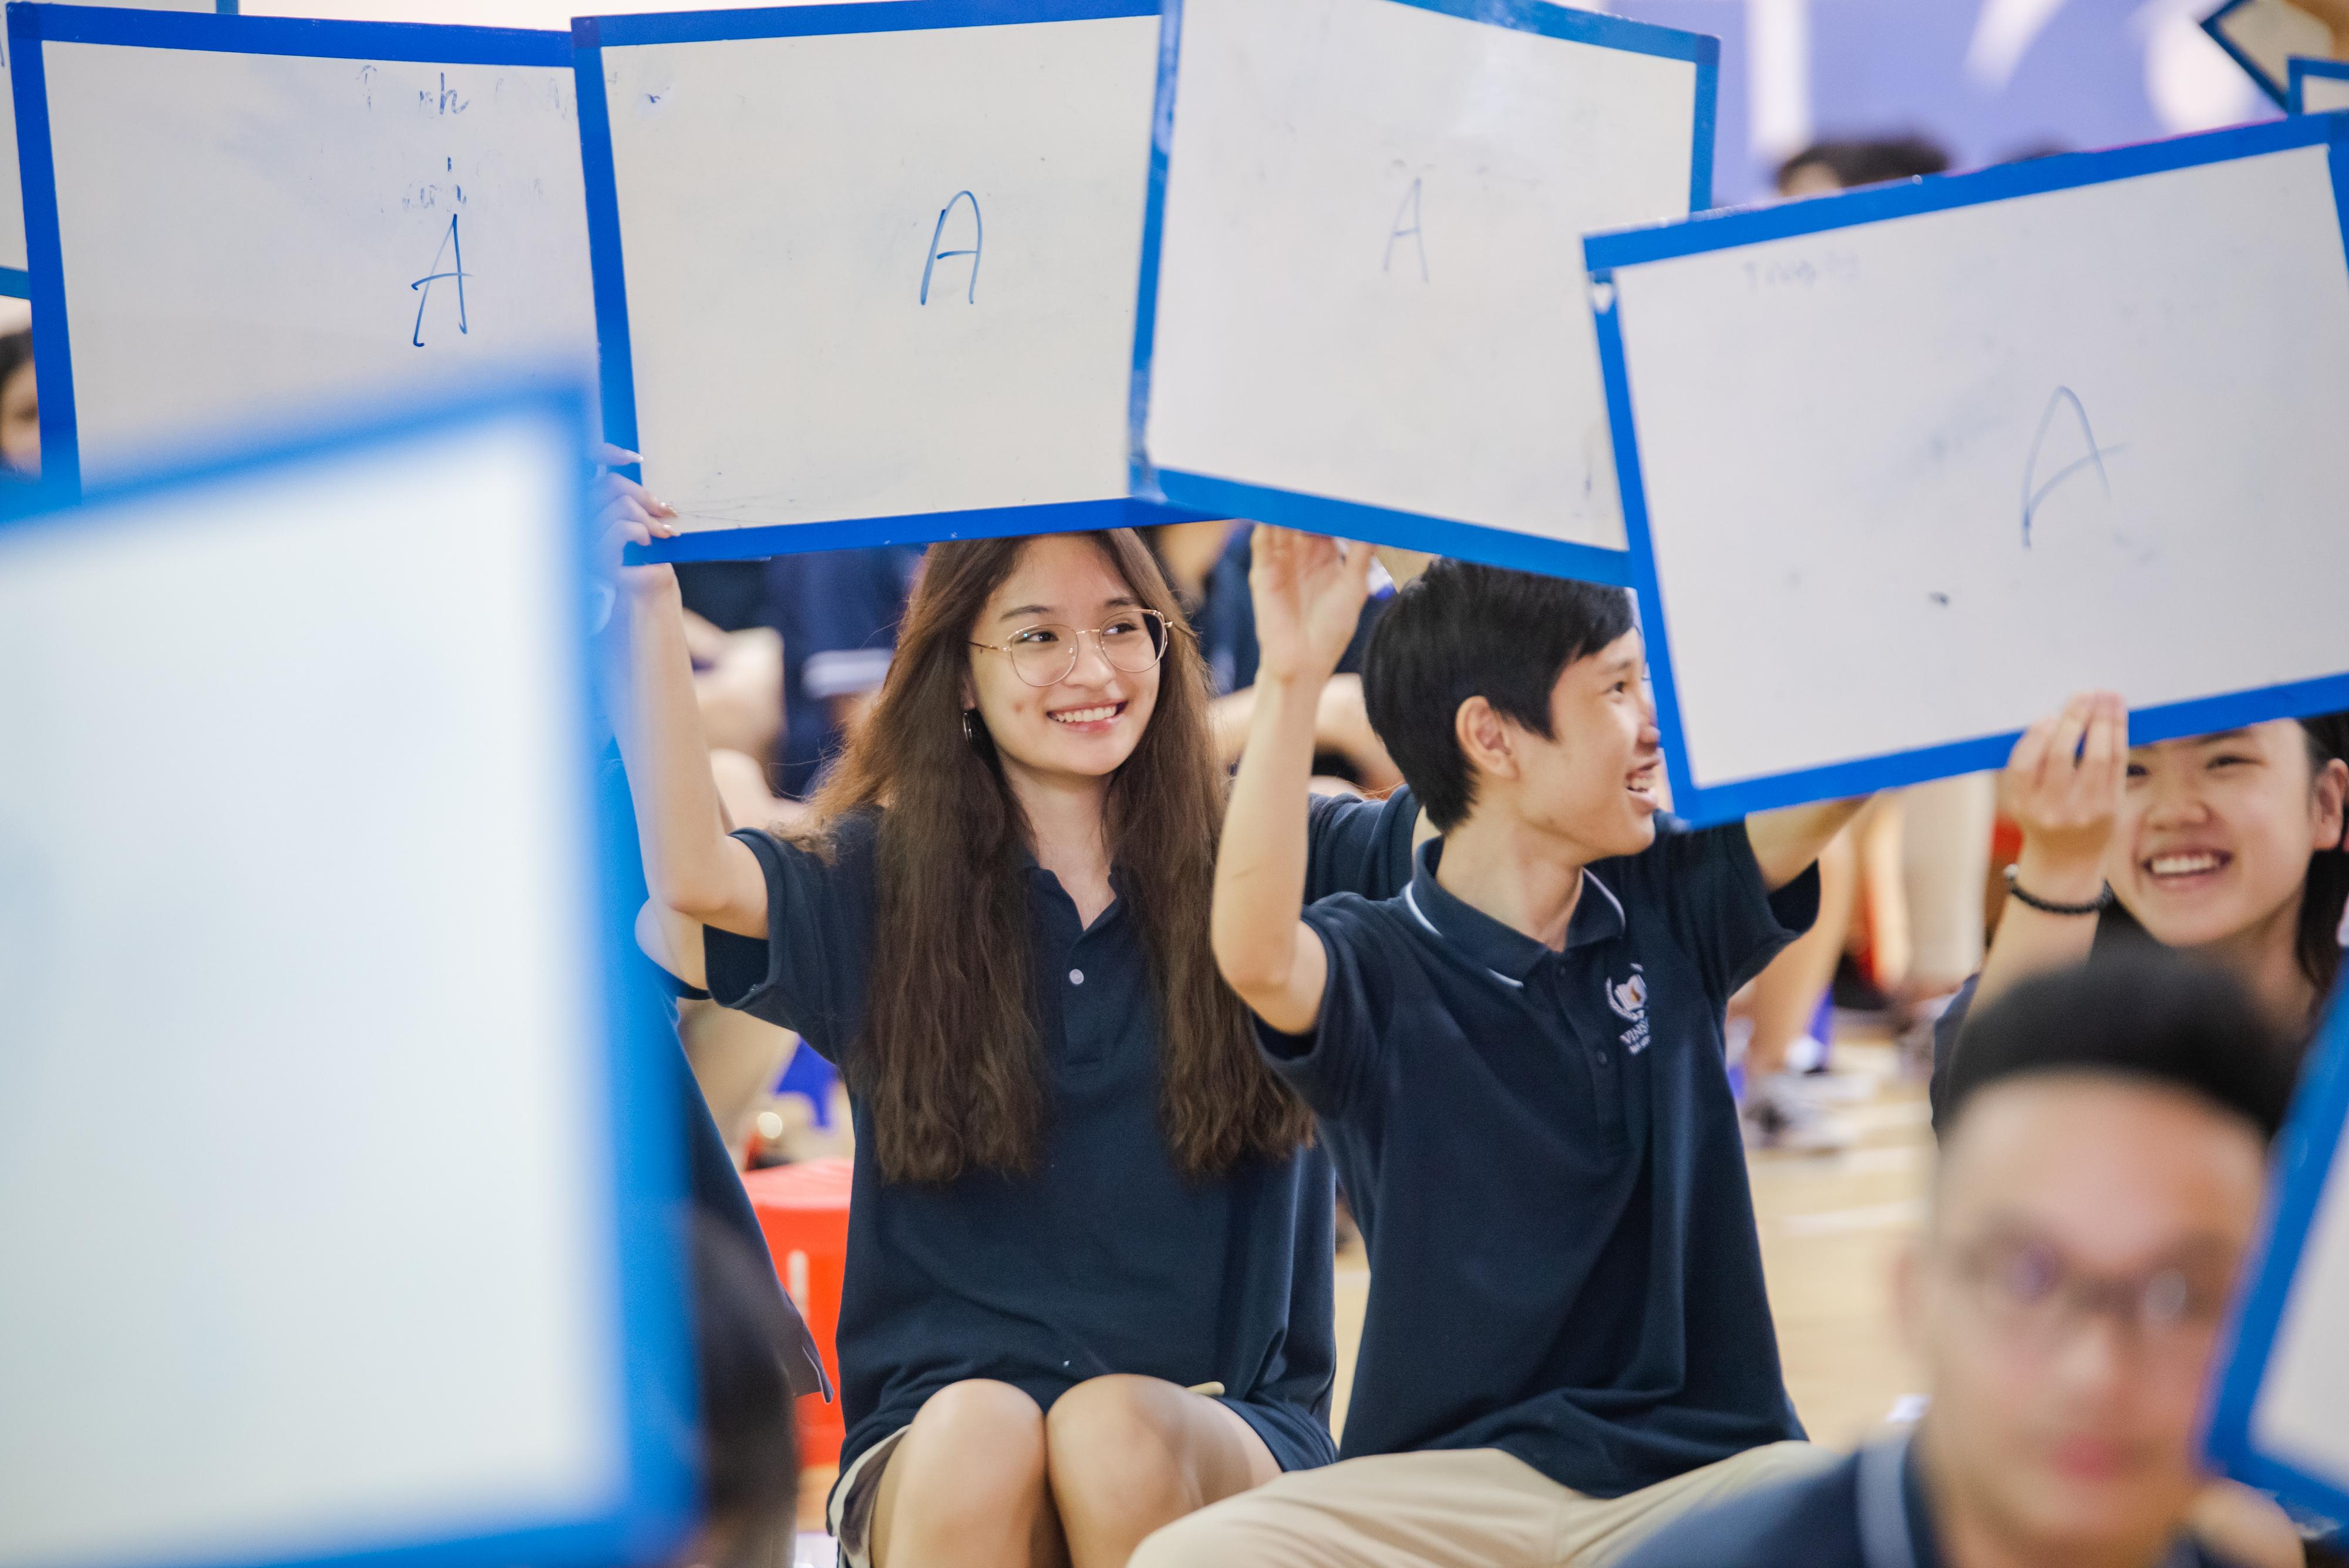 Danh sách đồ dùng học tập dành cho học sinh Trung học (Miền Bắc)